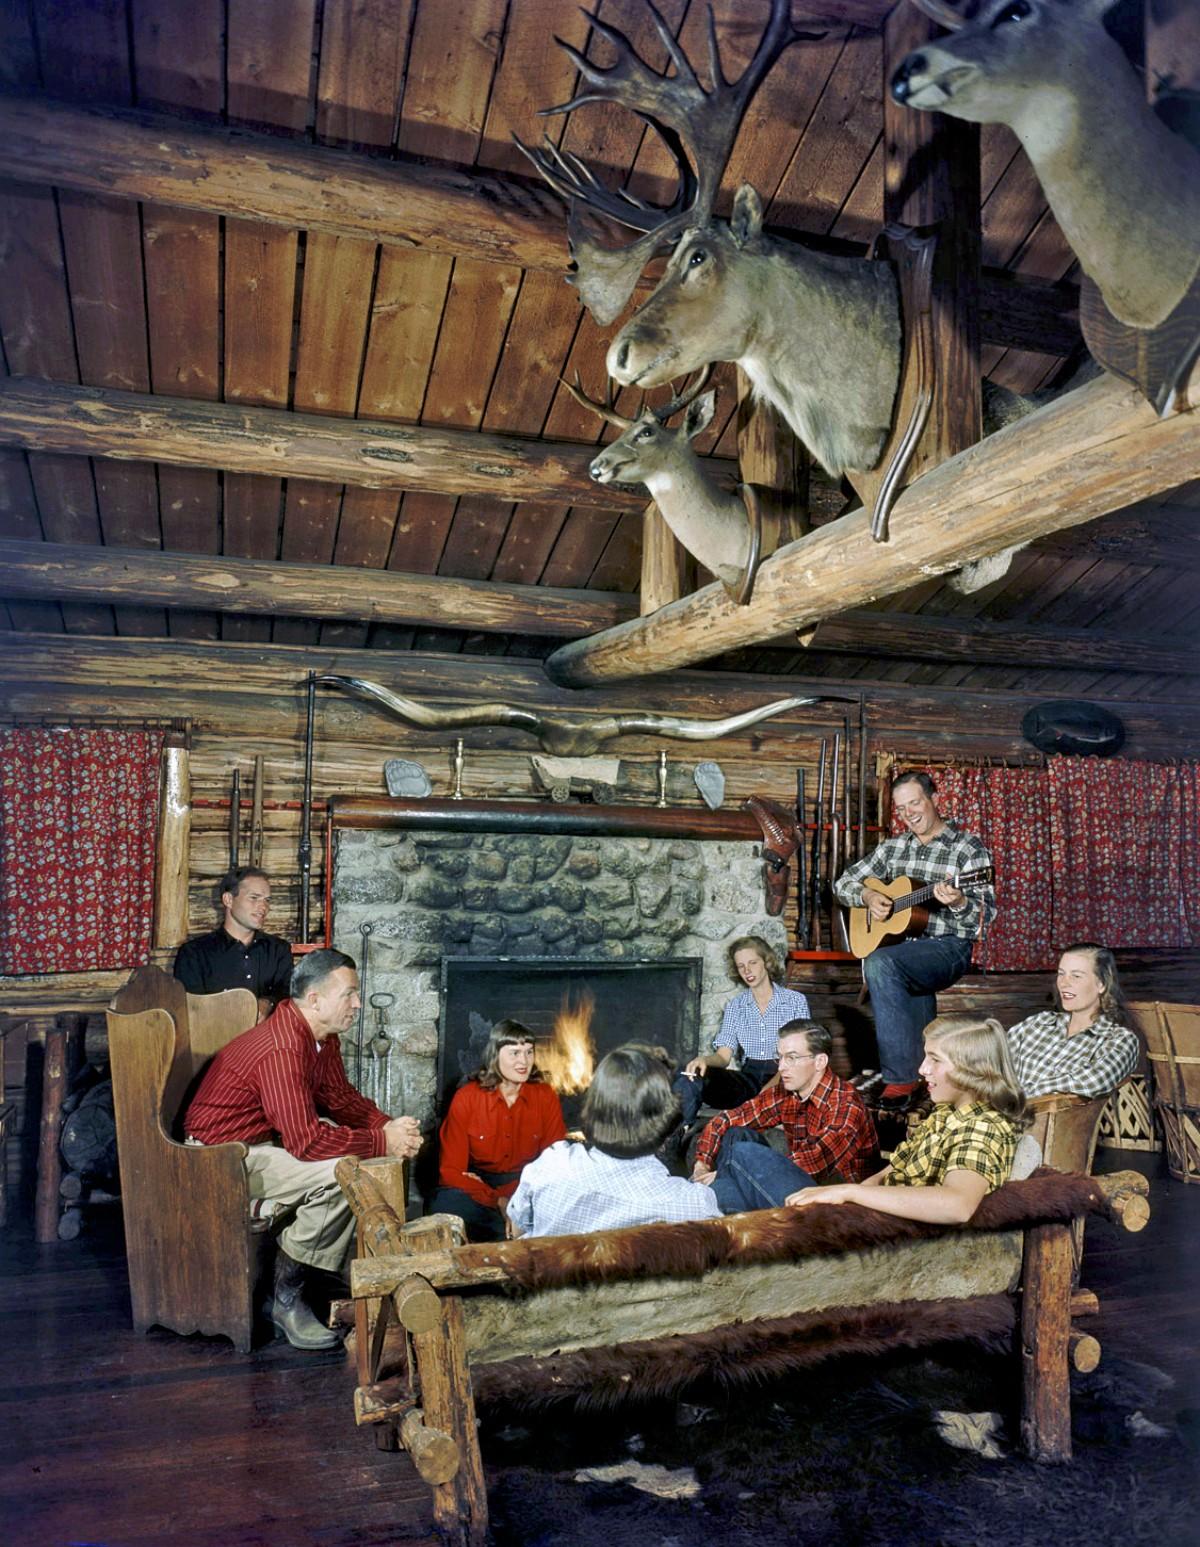 Владелец ранчо Bear Paw Dude играет на гитаре для гостей. Уилсон, штат Вайоминг, 1948. Фотограф Альфред Эйзенштадт